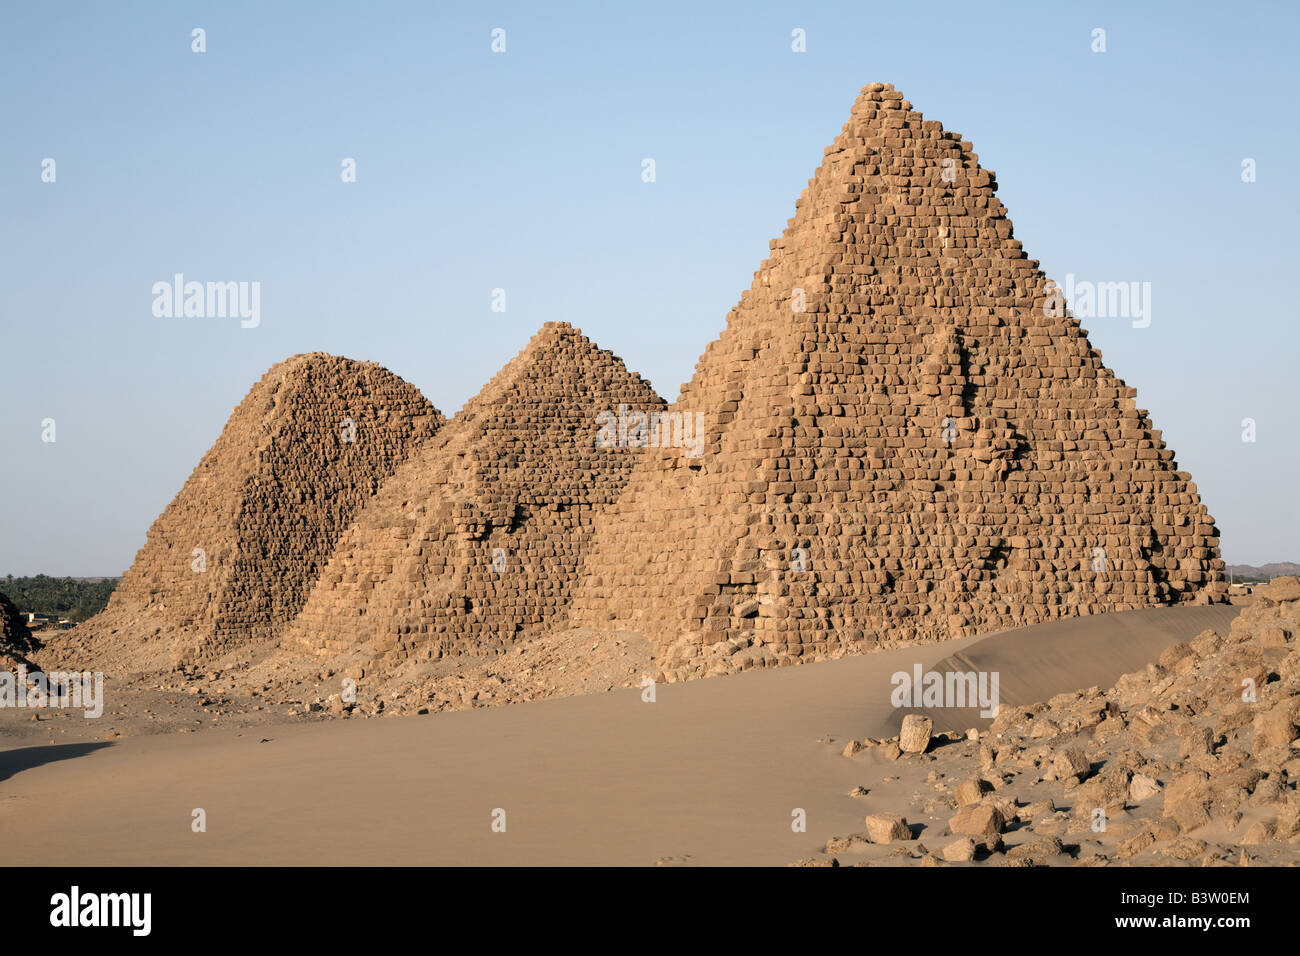 Royal cemetery of Nuri, Karima, Sudan Stock Photo